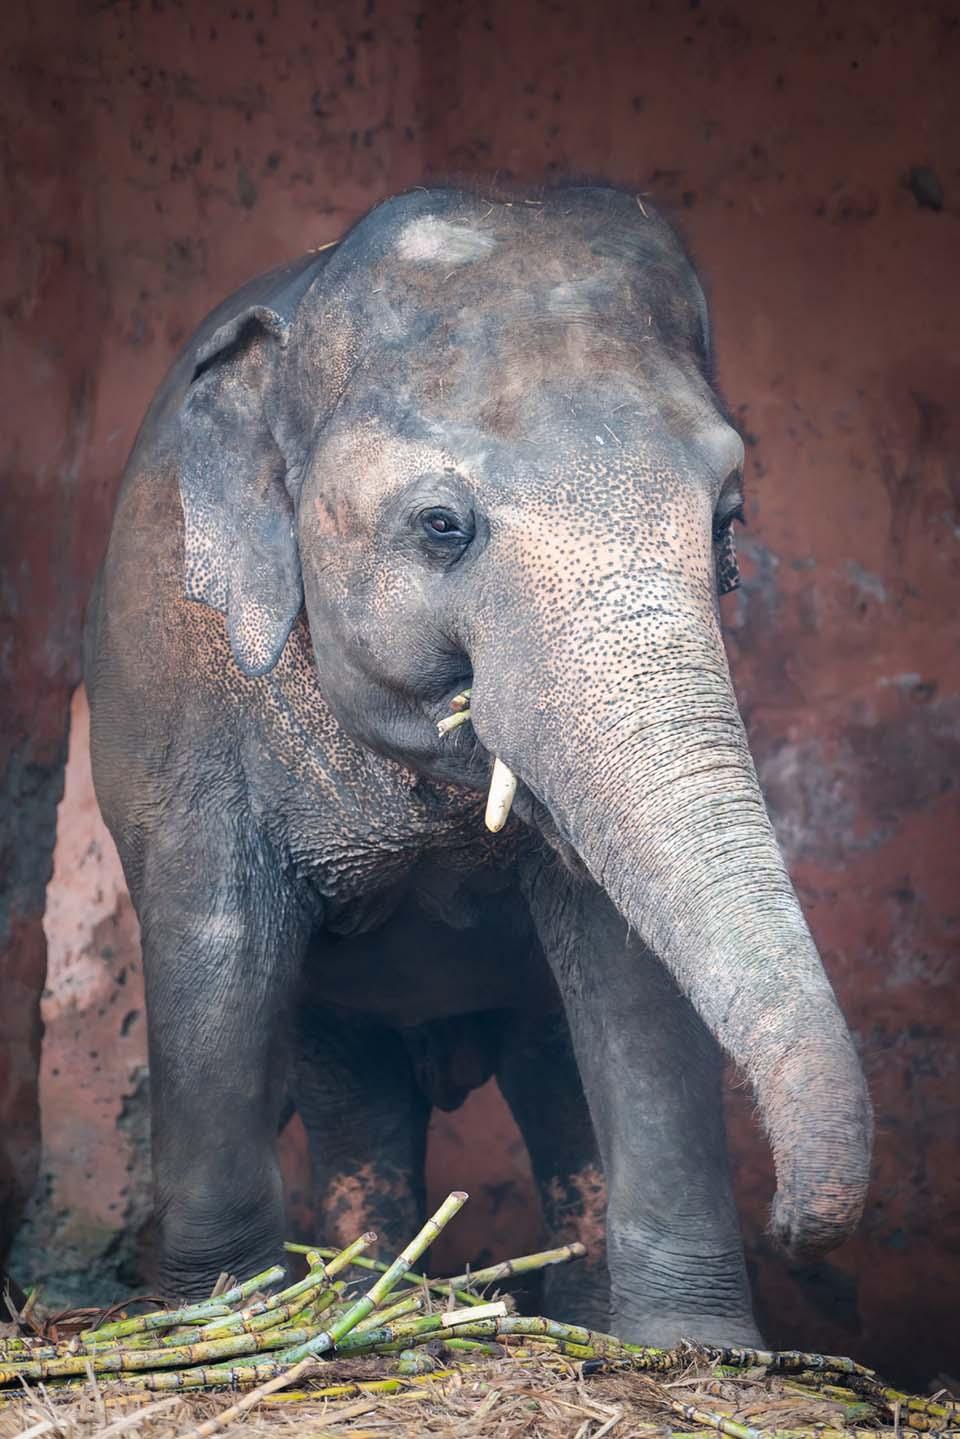 Kaavan fue liberado